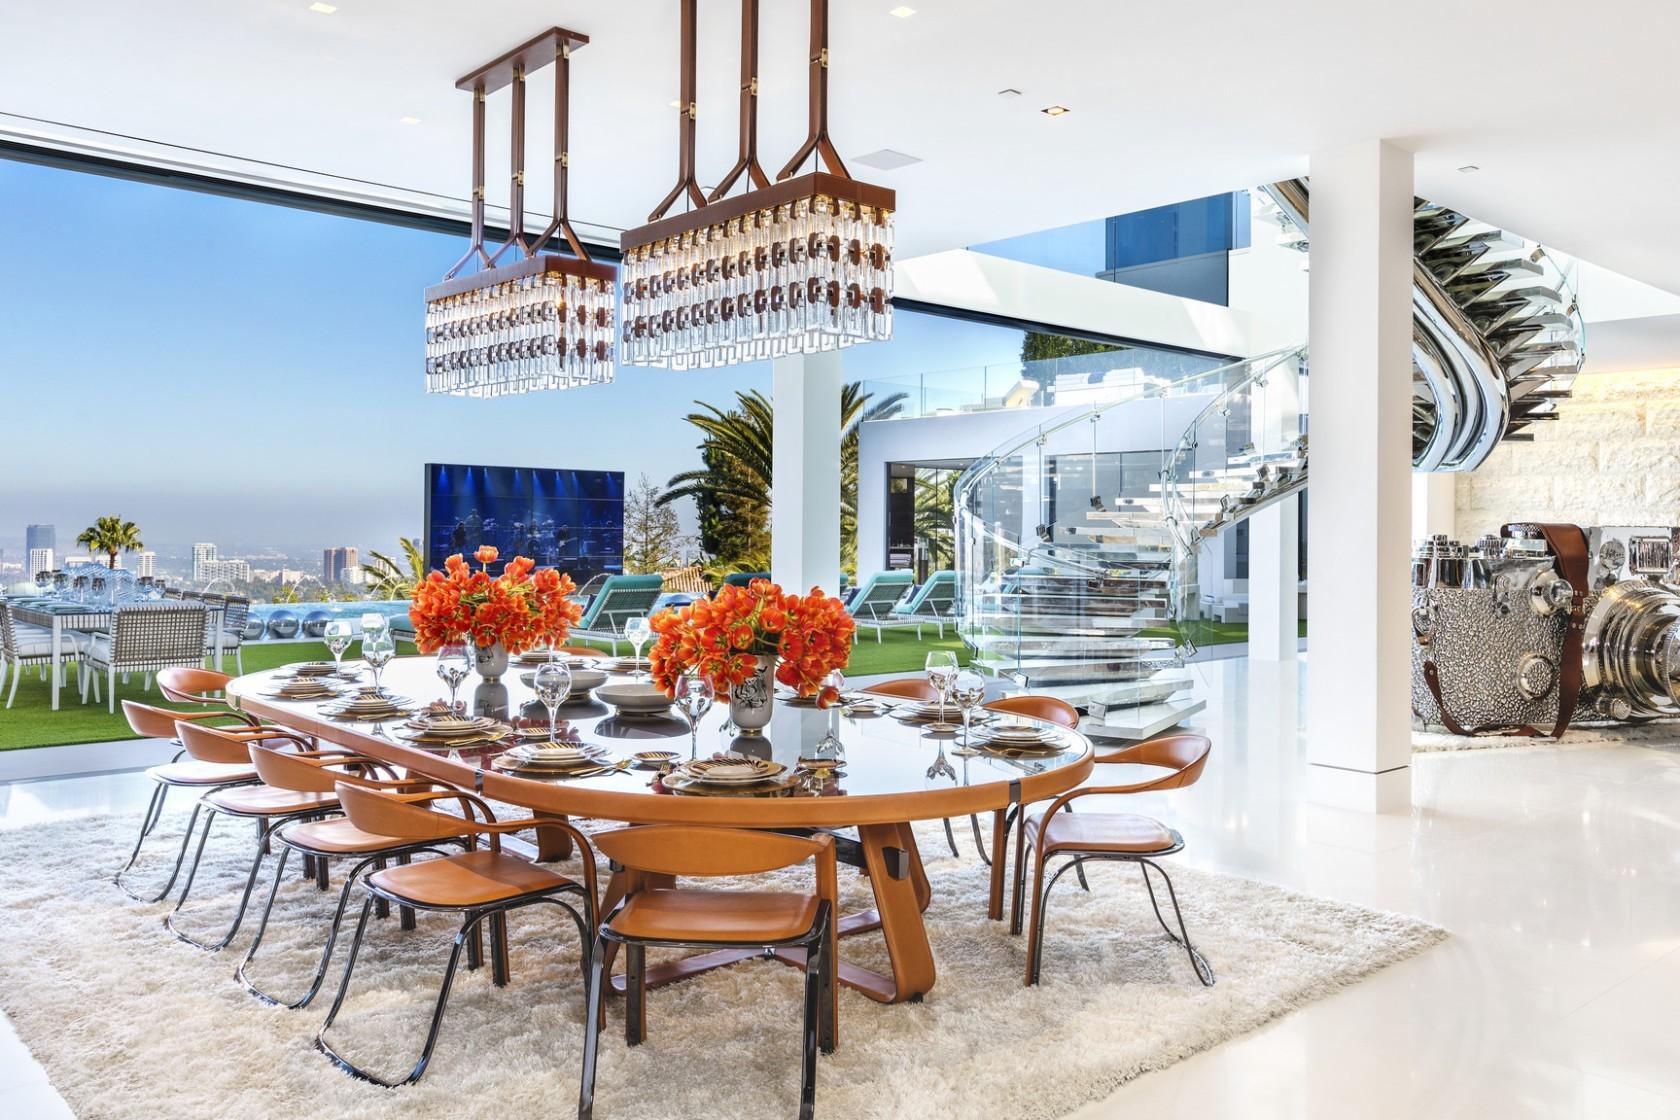 Traumhaus in Bel Air: Dieses $250 Millionen Dollar Anwesen wechselt für $94 Millionen den Besitzer 14